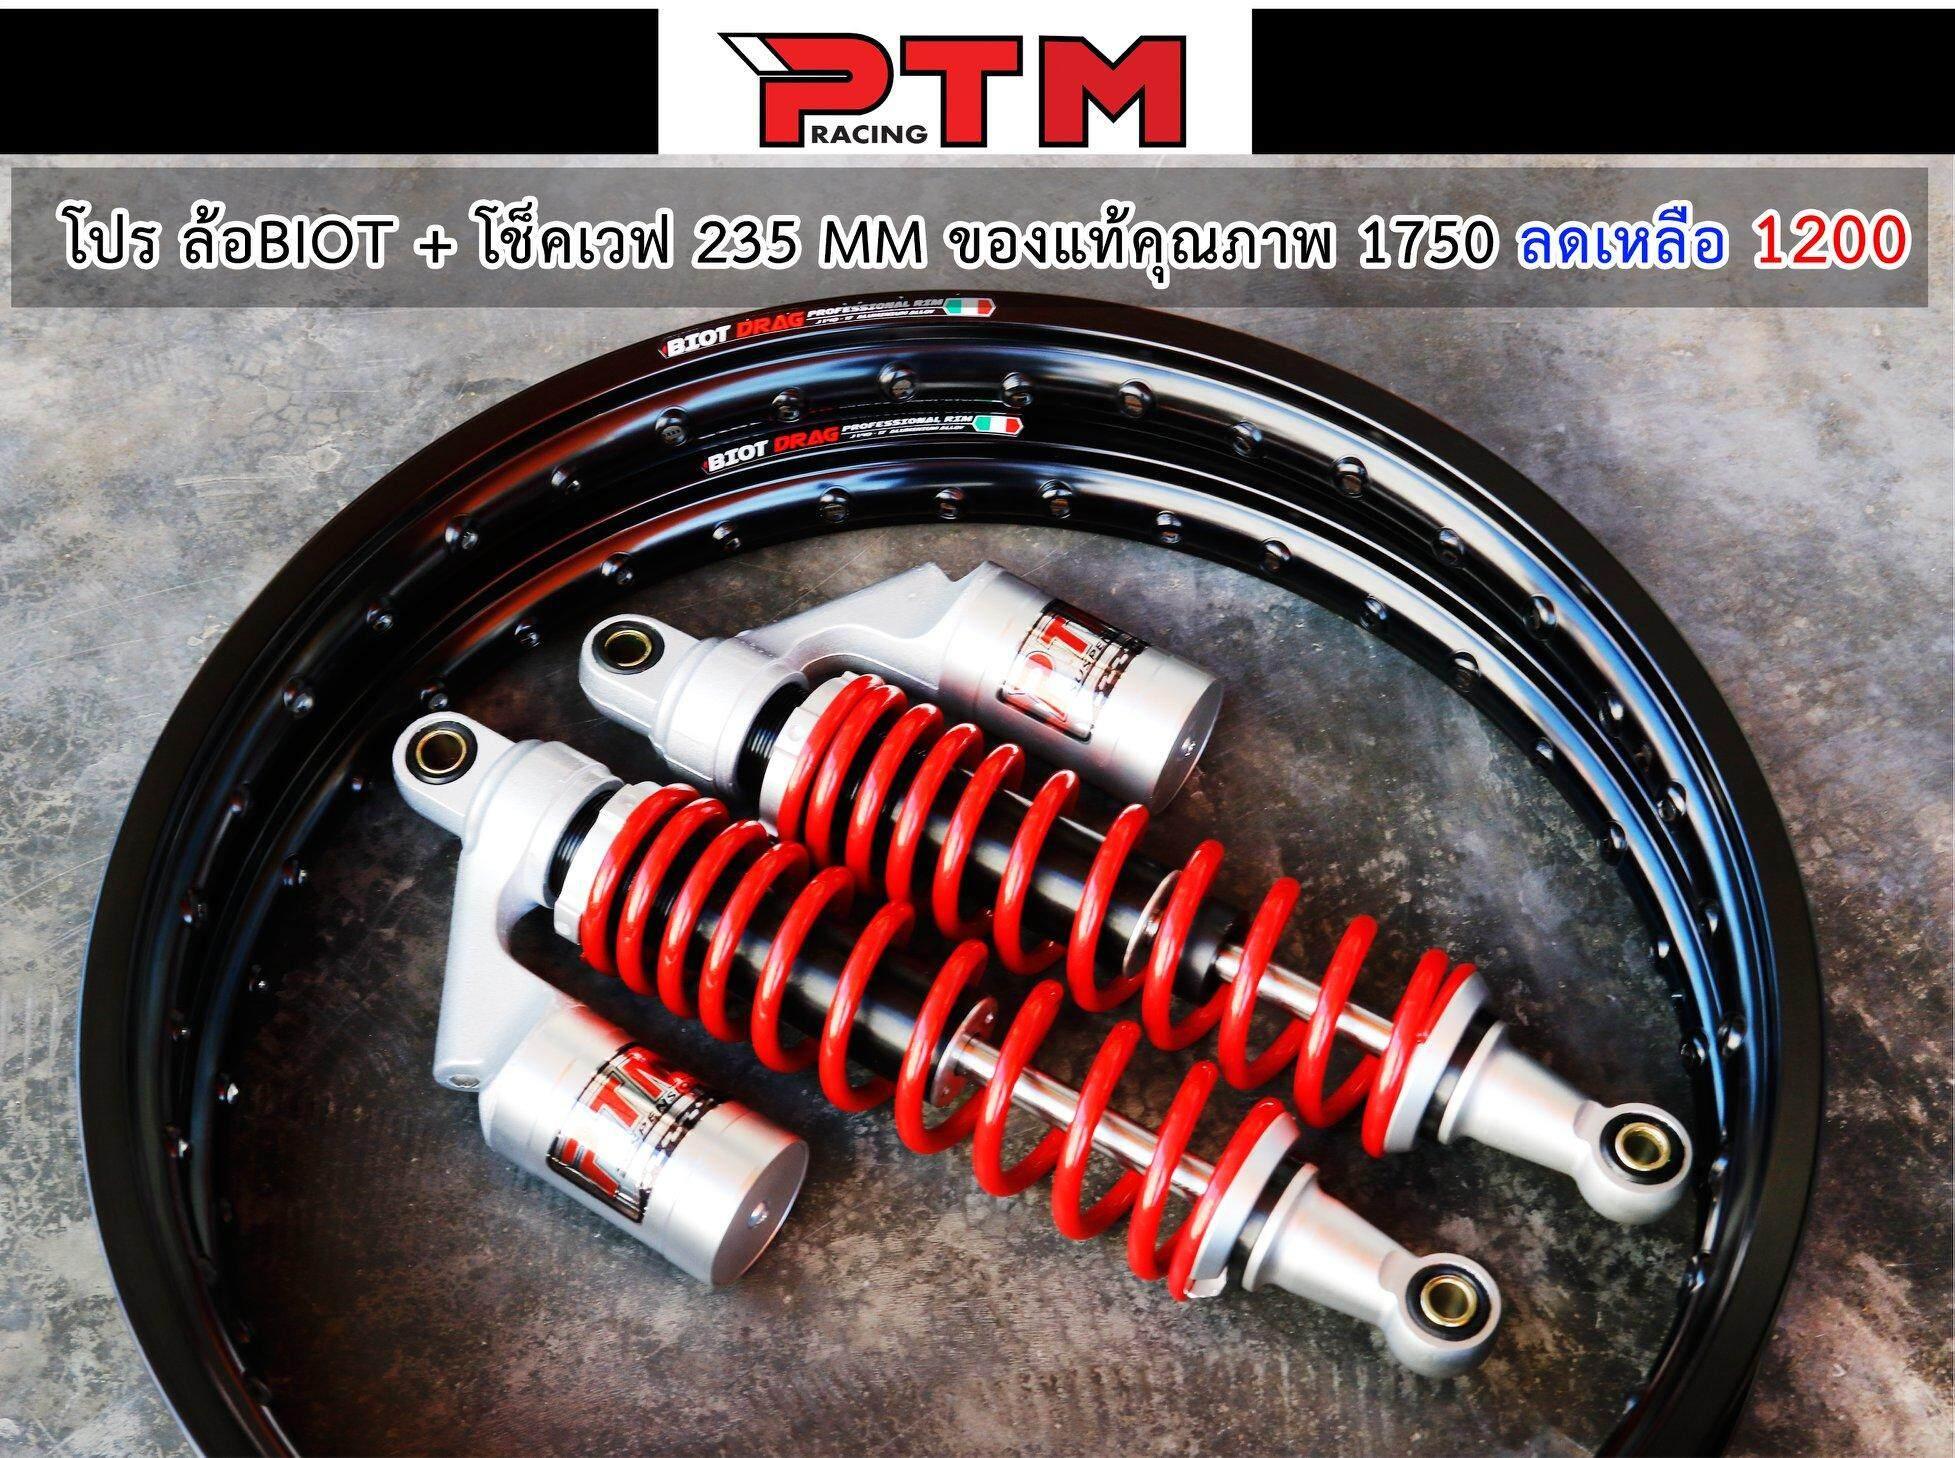 แนะนำ วงล้อ ขอบเรียบ 1.4-17 ล้อขอบ17 Biot แท้ สีดำ พร้อมโช๊คเวฟ โช๊คหลังแต่ง PTM 320 mm. ของแท้ งานคุณภาพ ใส่รถWAVE - Dream ของแต่ง110i l PTM Racing